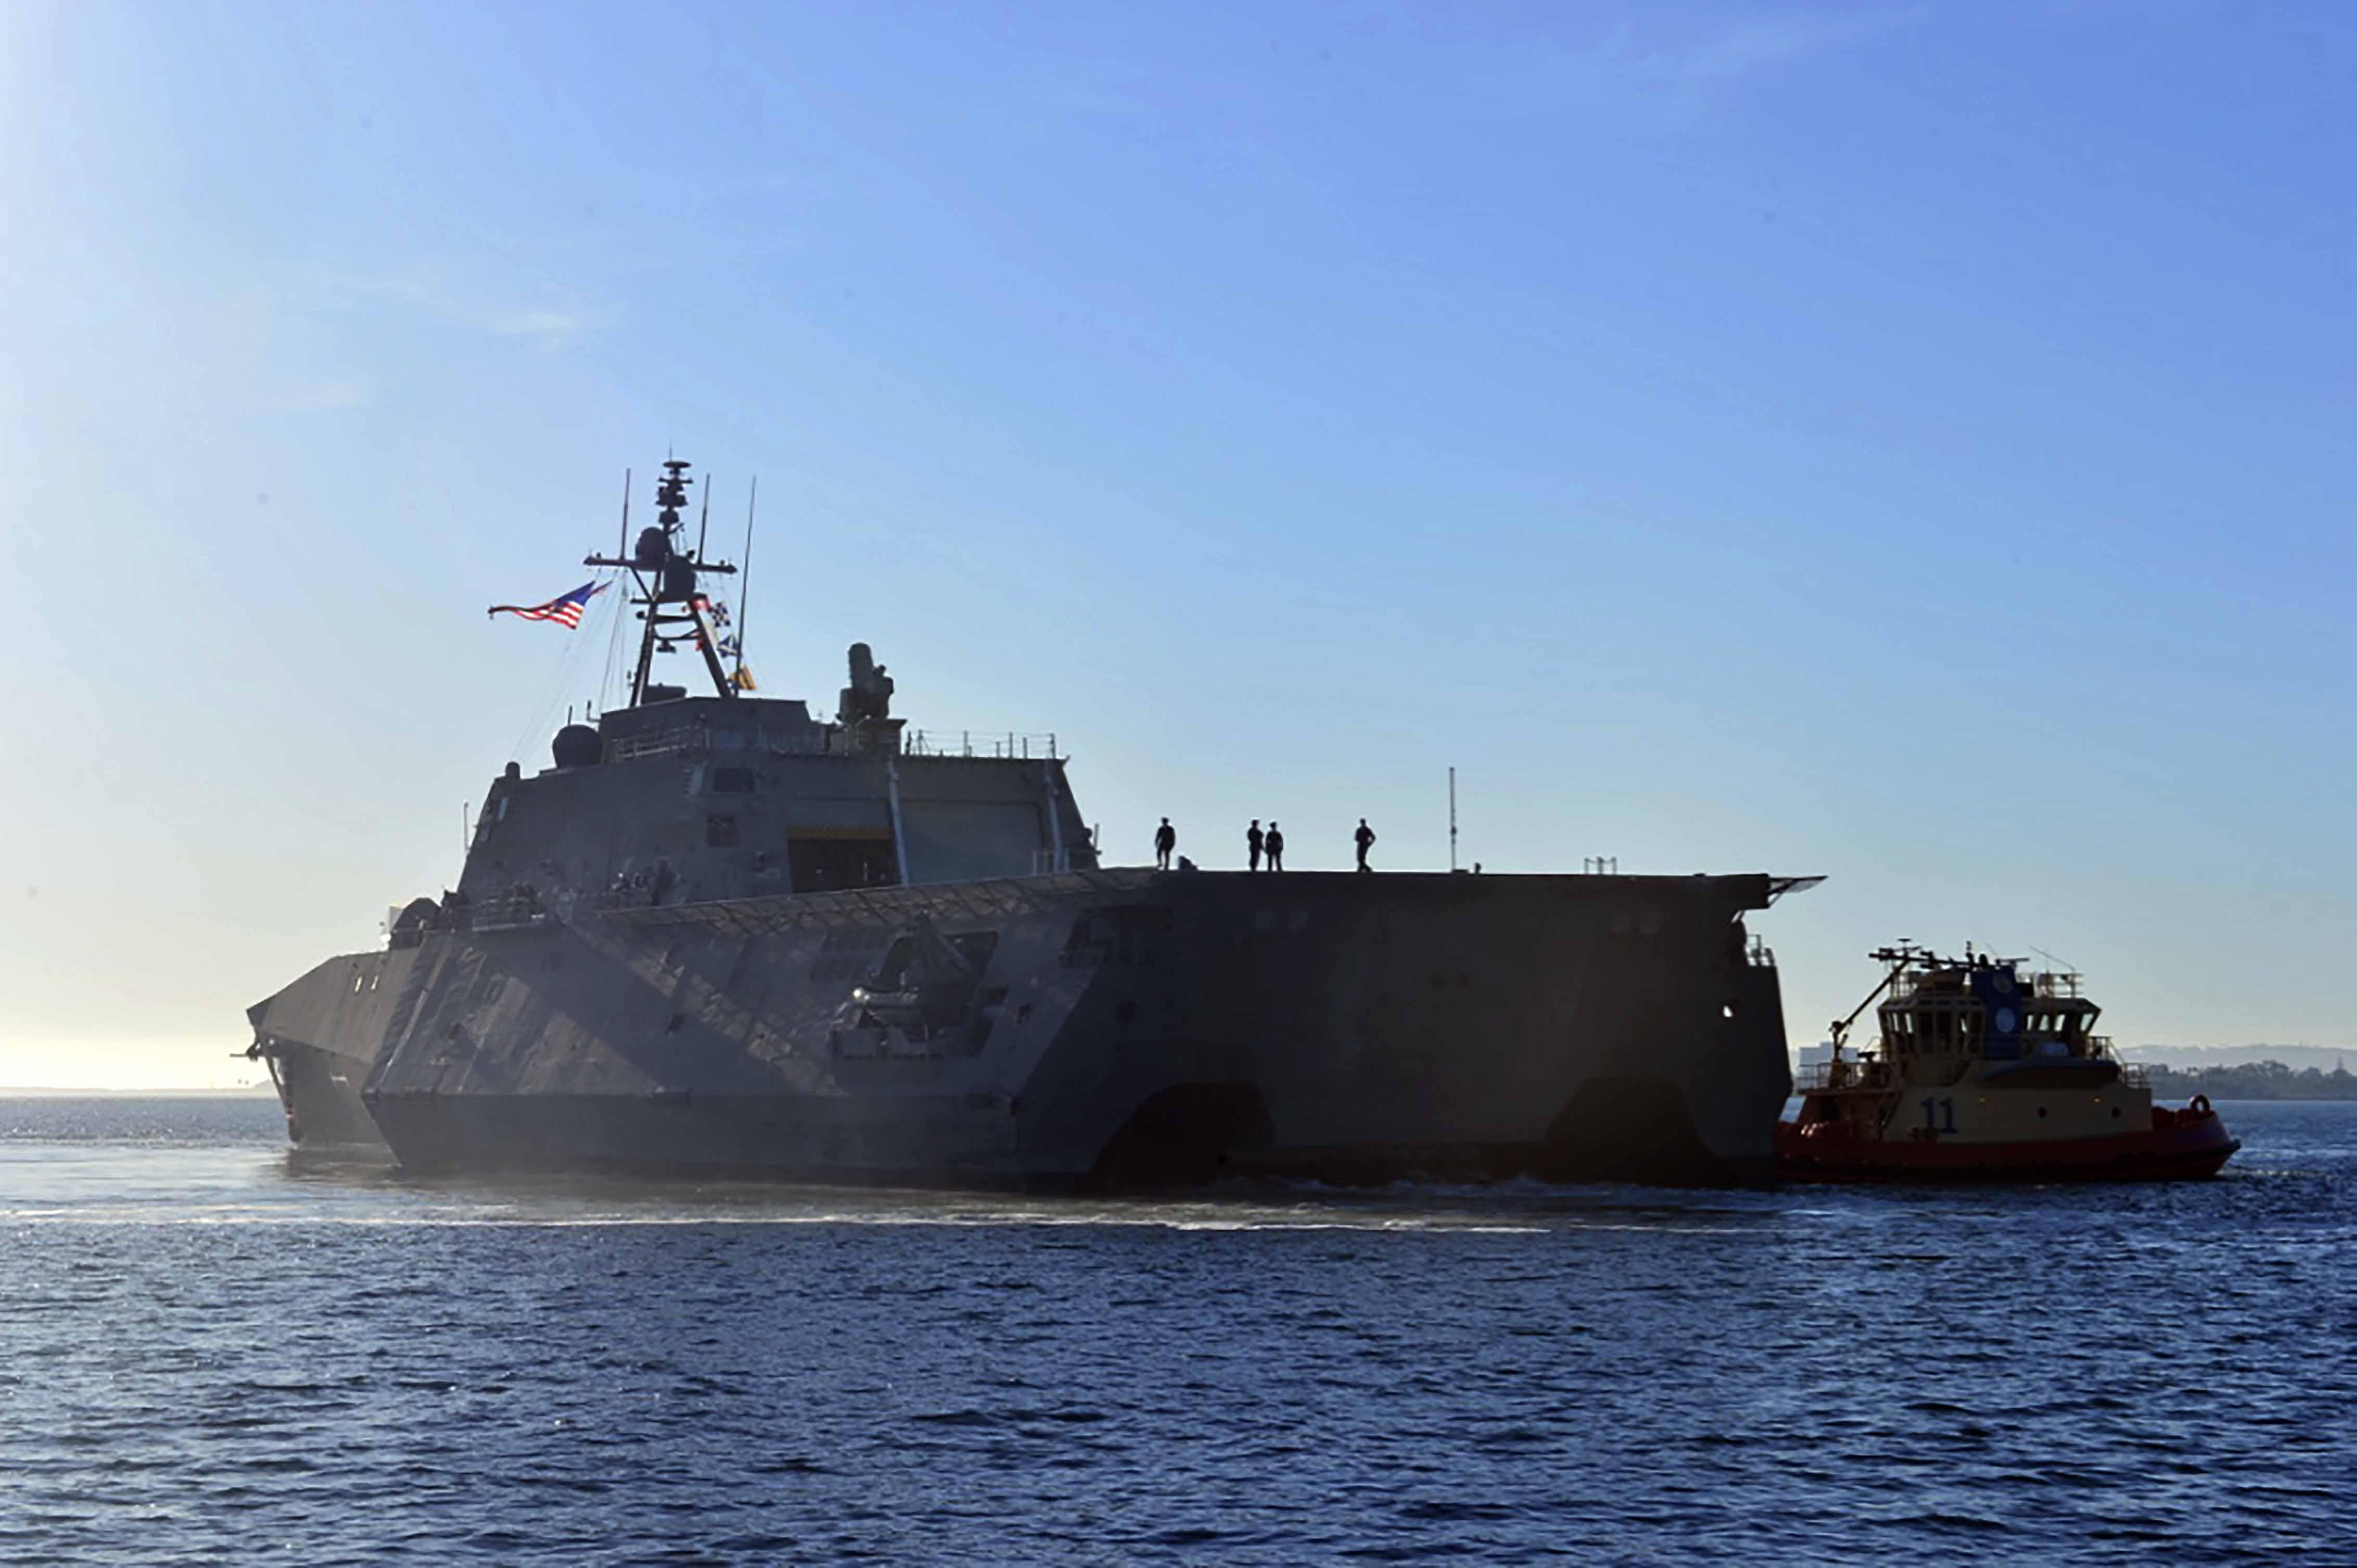 USS MONTGOMERY LCS-8 Einlaufen San Diego am 08.11.2016 Bild: U.S. Navy